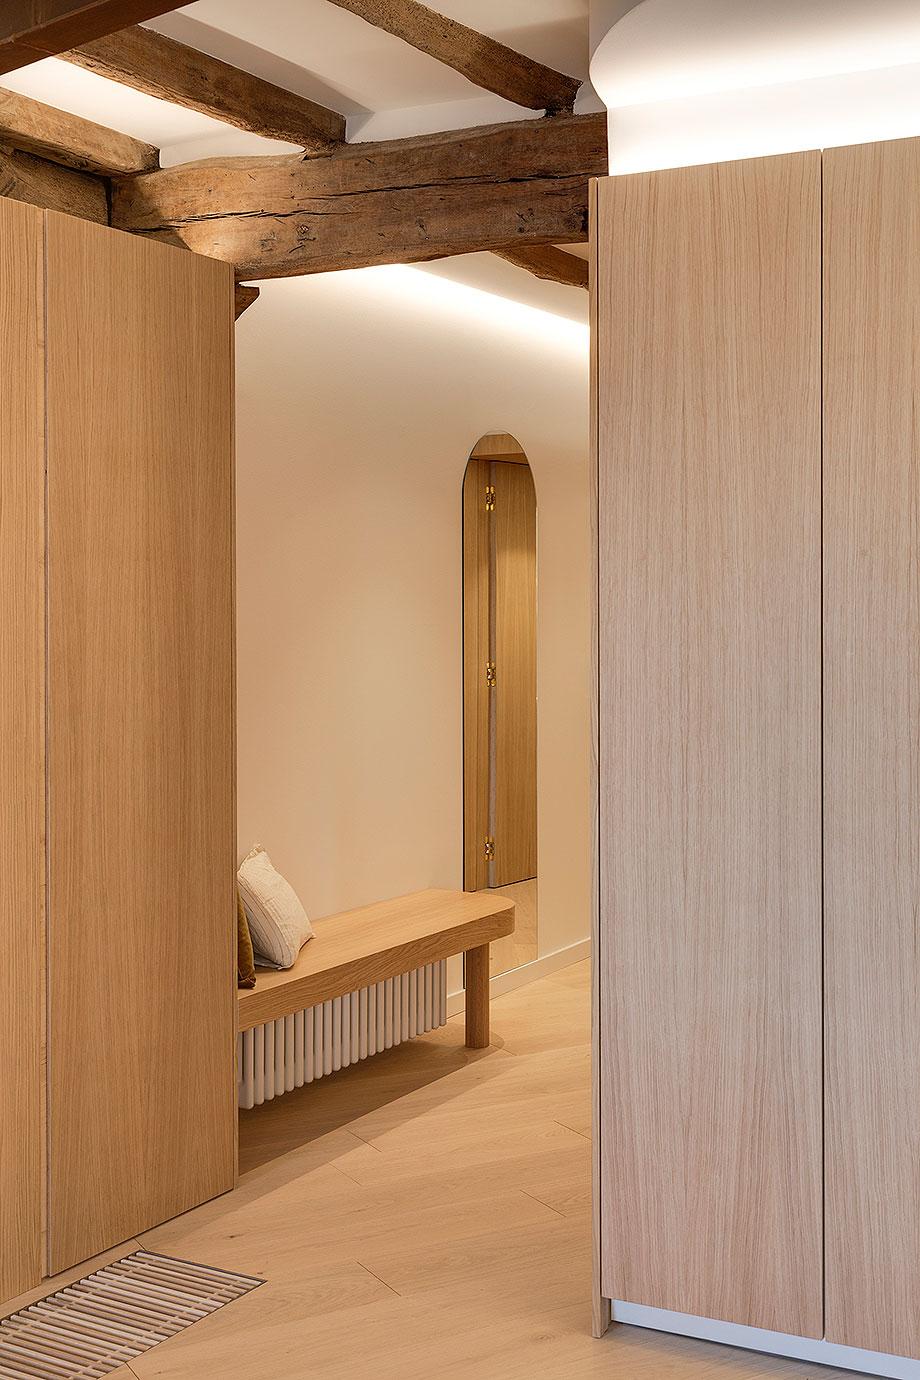 casa kaia de amaia arana arkitektura (1) - foto iñaki guridi de mitiko estudio